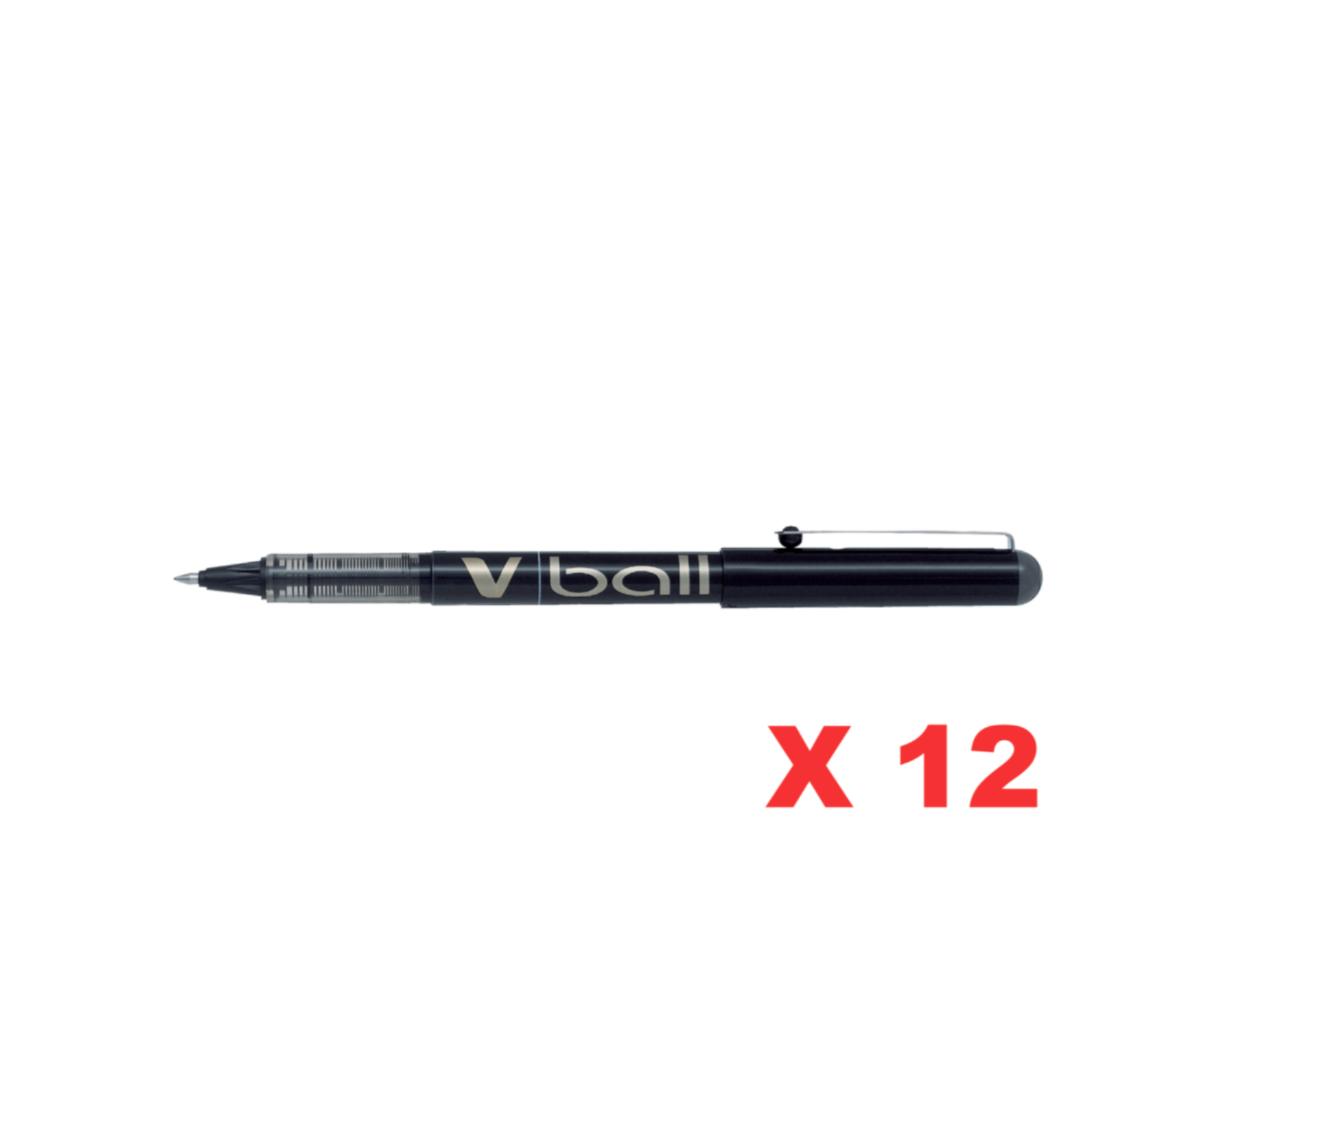 PILOT BL-VB7 BLACK NOIR STYLO PEN V BALL VBALL ROLLER 0.5 ECRITURE SCOLAIRE PRO BUREAU COMMERCE SHOP STORE ART CALLIGRAPHIE 4902505131868 COMASOUND KARTEL CSK